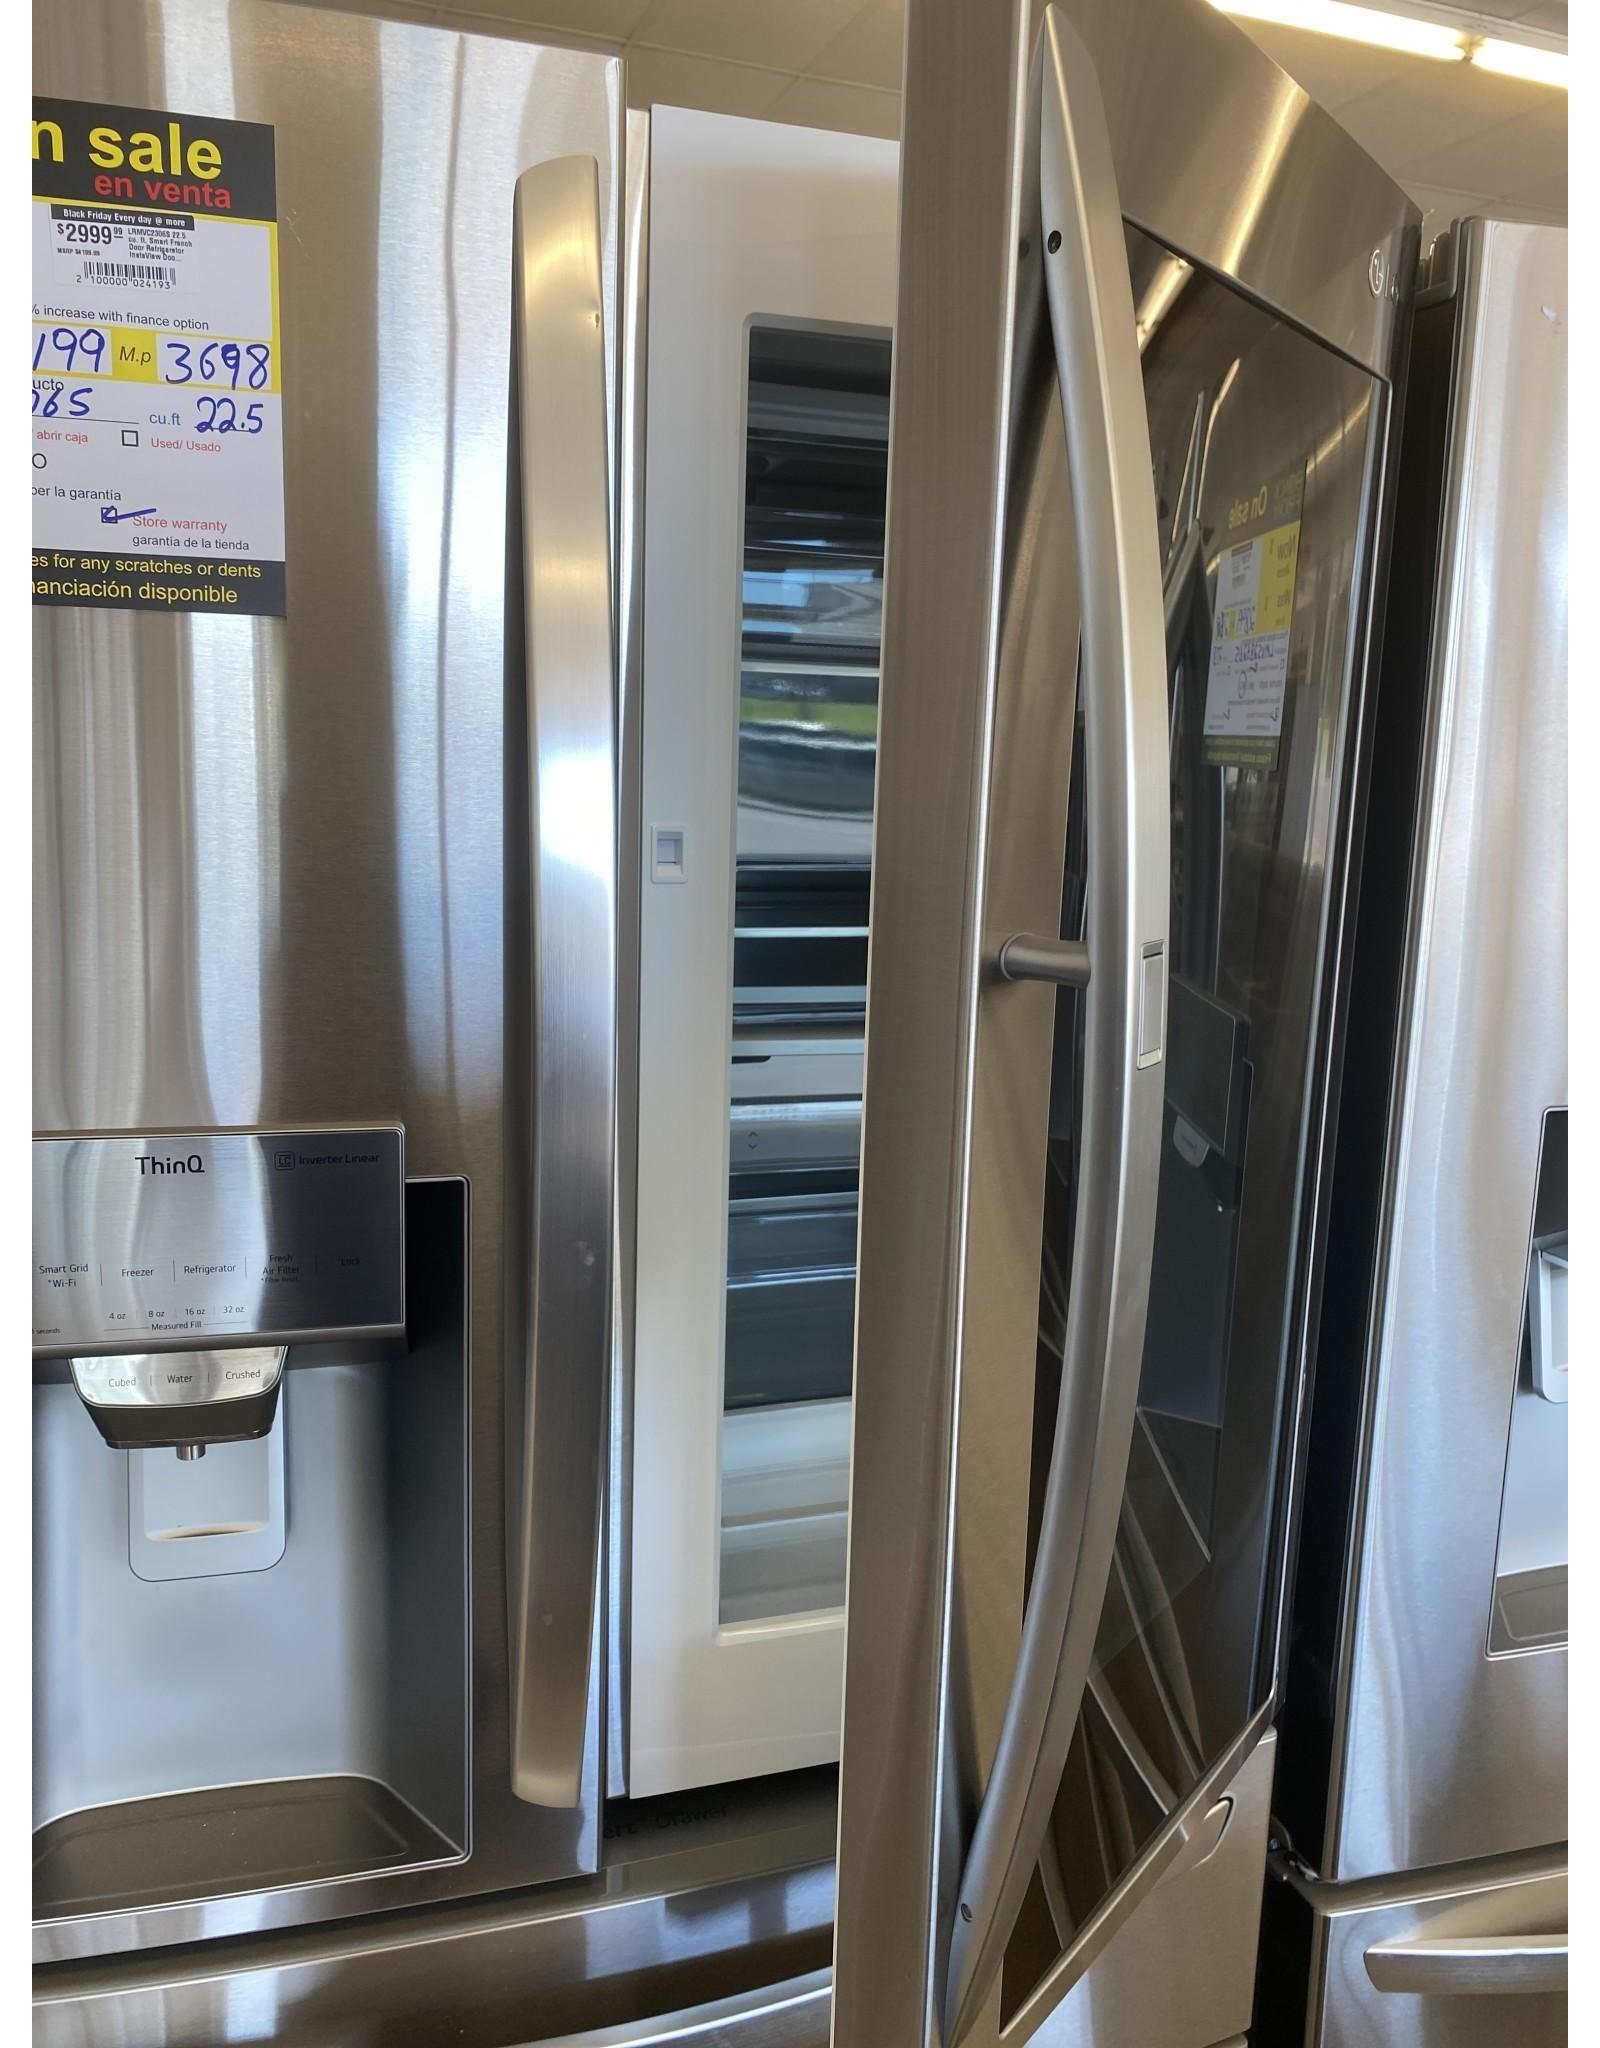 LG Electronics LRMVC2306S 22.5 cu. ft. Smart French Door Refrigerator InstaView Door-In-Door Dual and Craft Ice in PrintProof Stainless